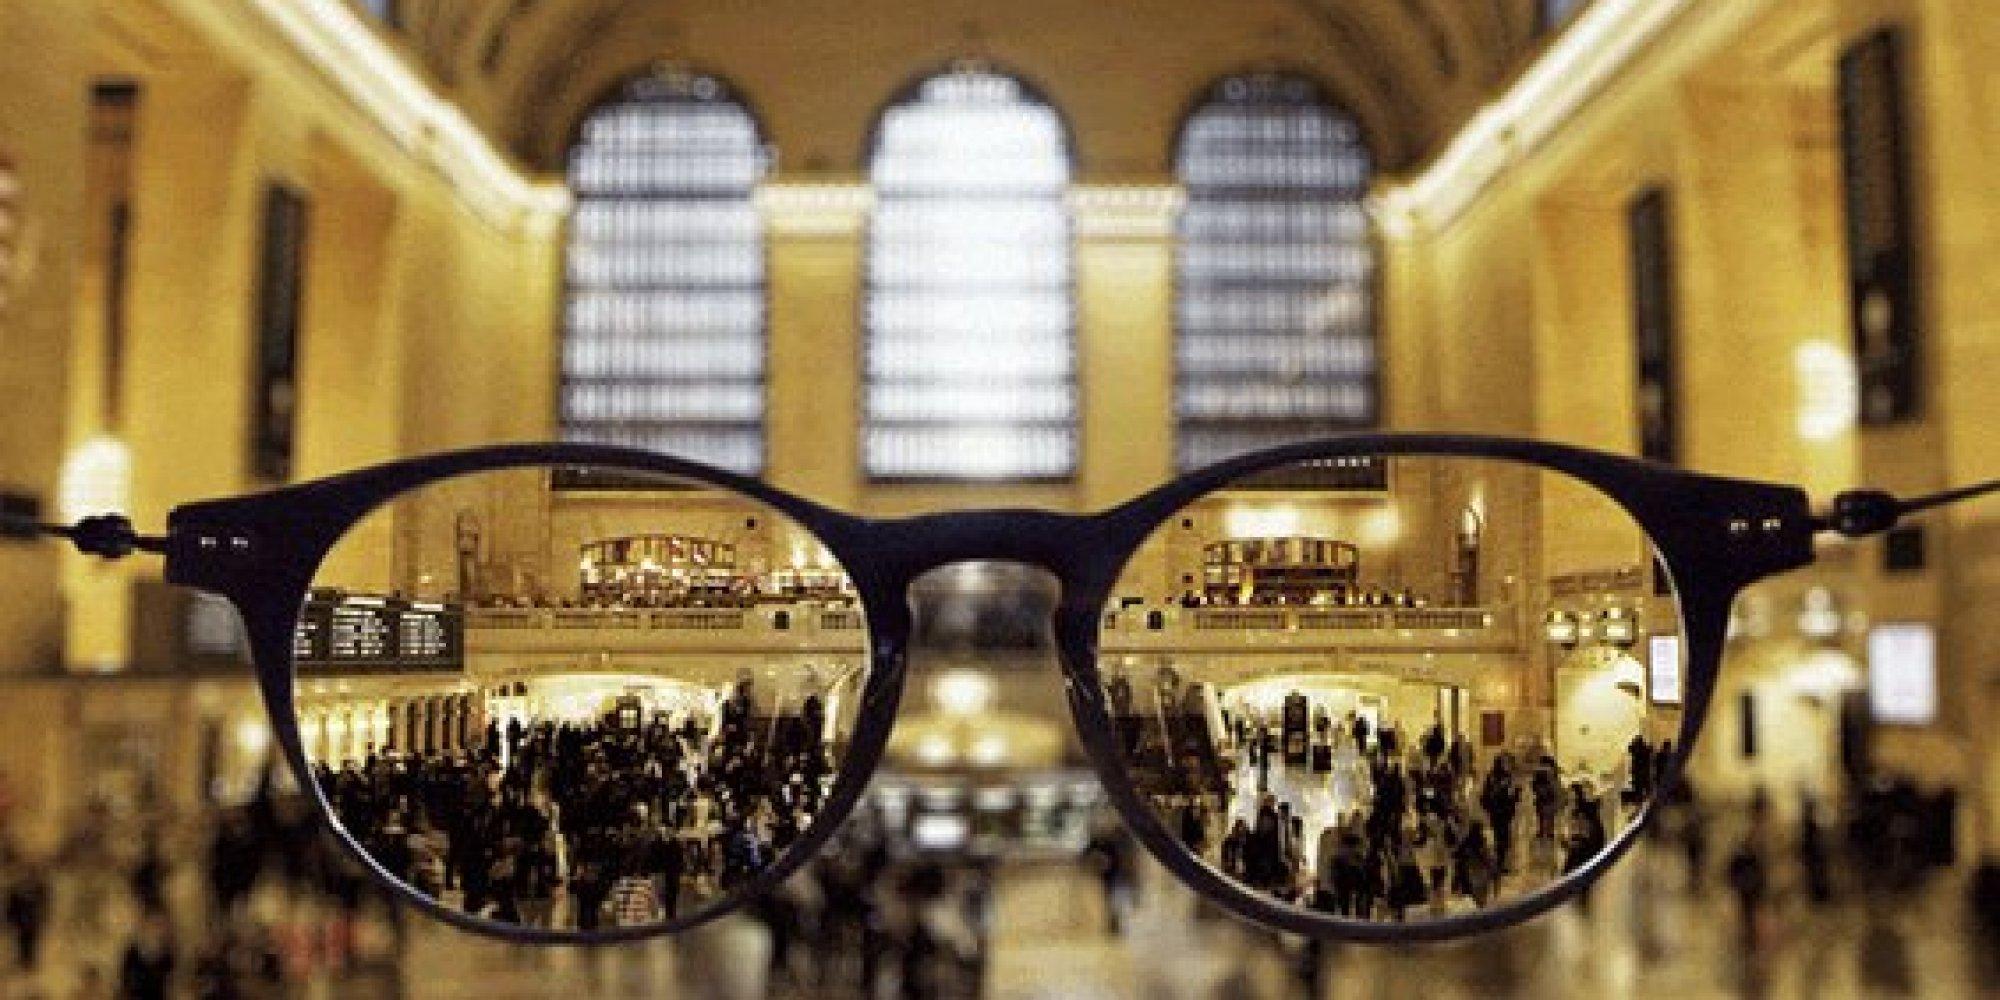 людей диабетом как видят люди с плохим зрением фото любишь по-настоящему